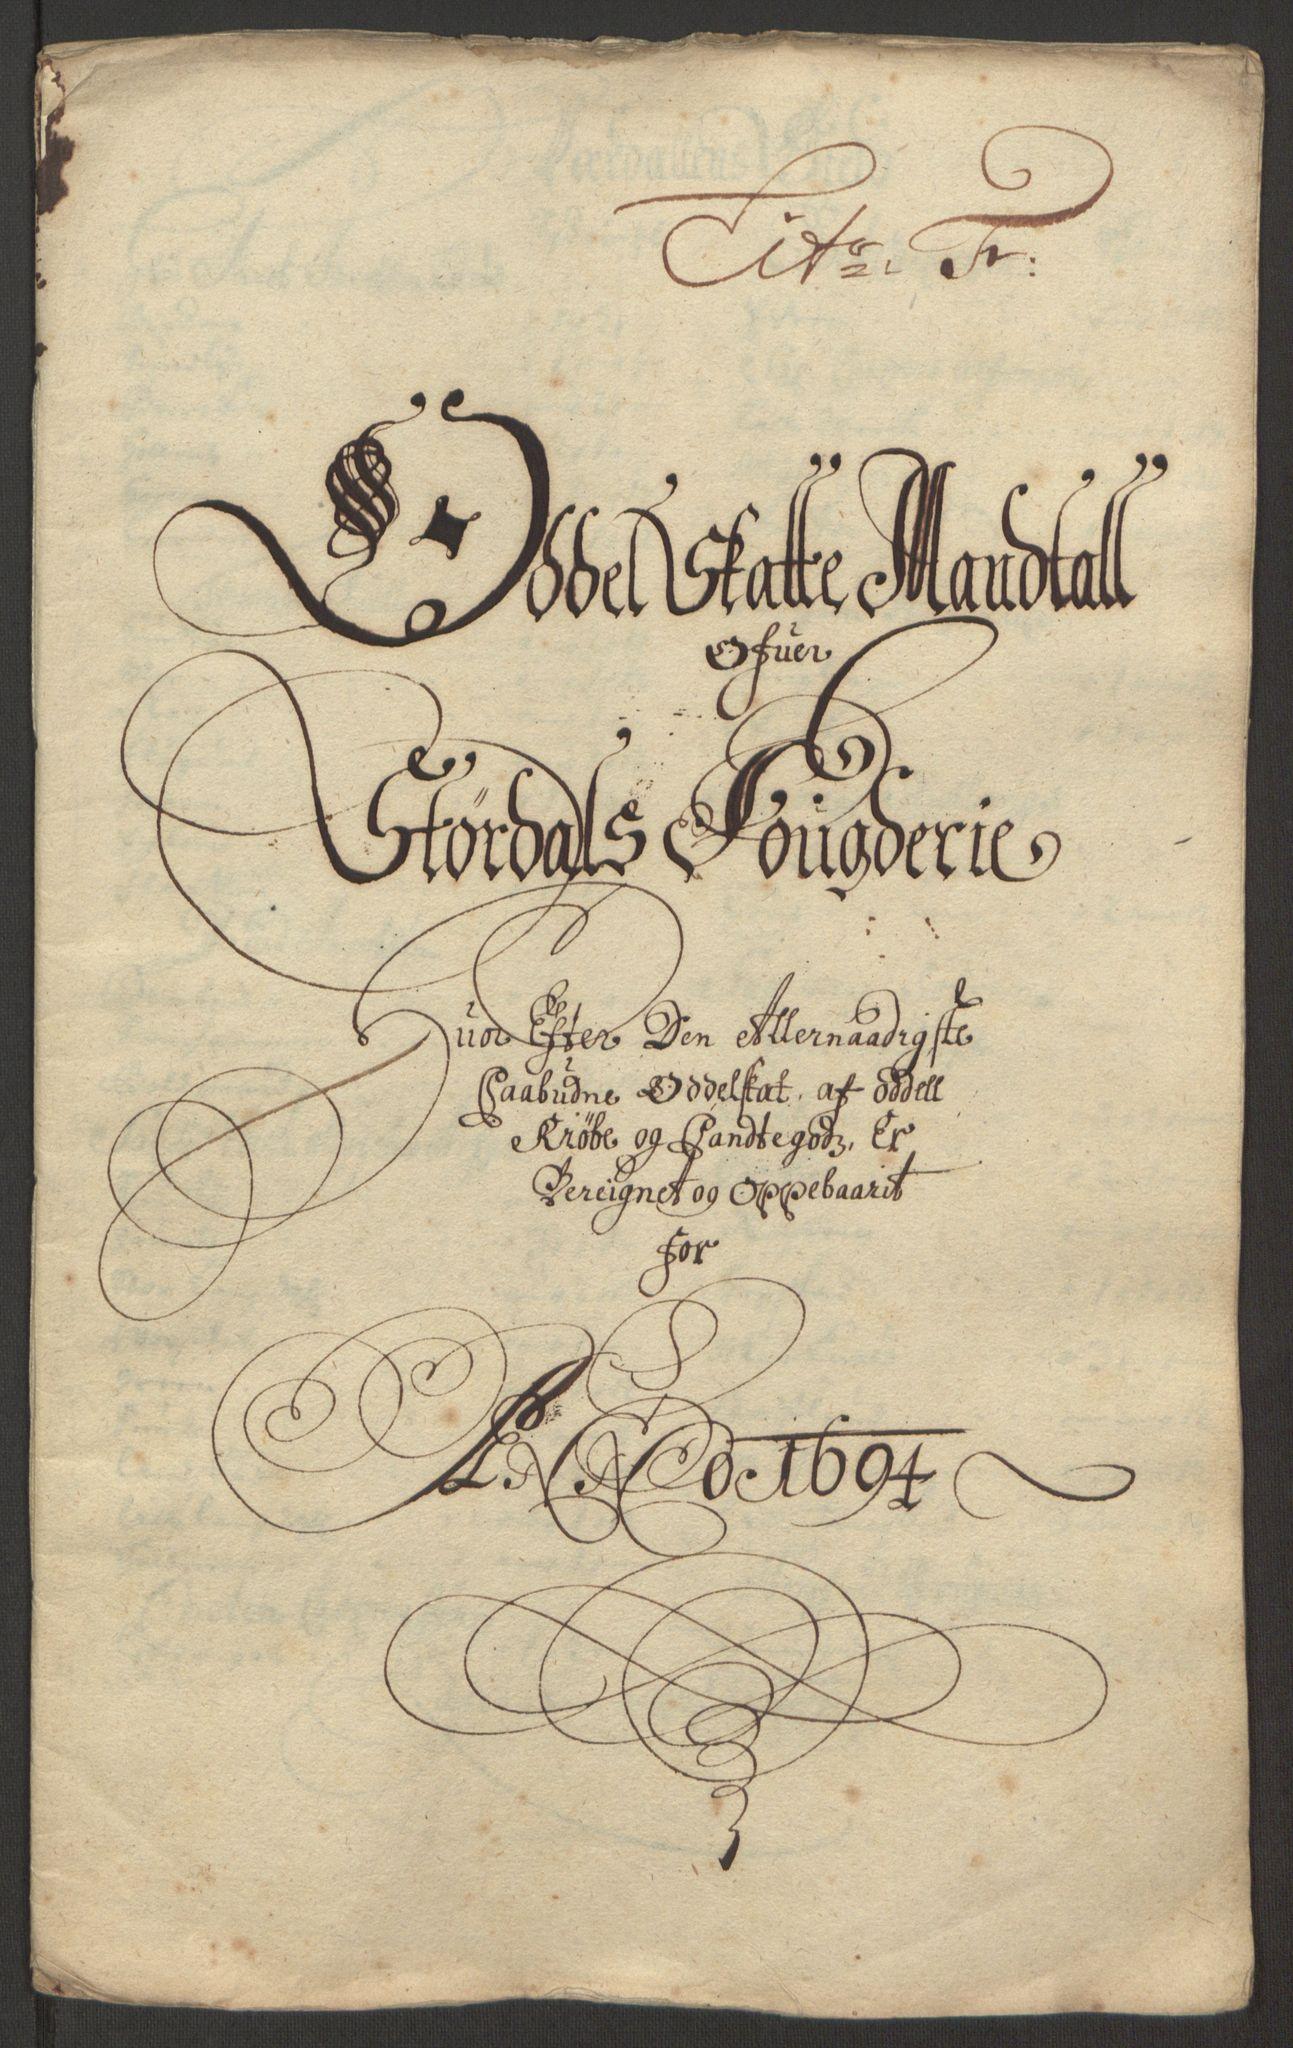 RA, Rentekammeret inntil 1814, Reviderte regnskaper, Fogderegnskap, R62/L4186: Fogderegnskap Stjørdal og Verdal, 1693-1694, s. 207